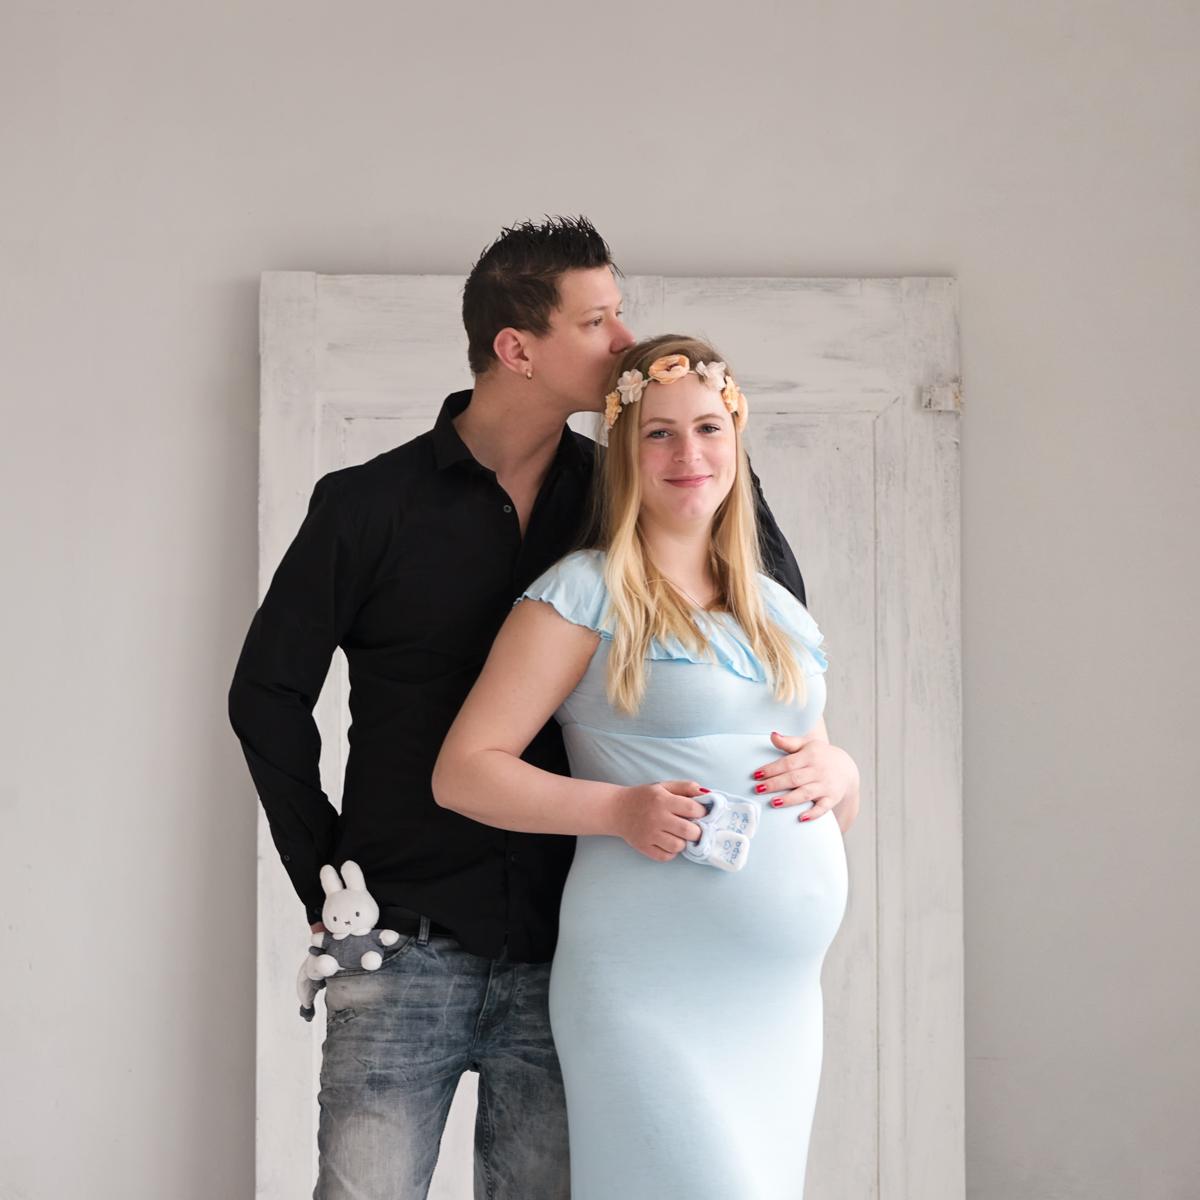 zwanger op de foto Zaanstad